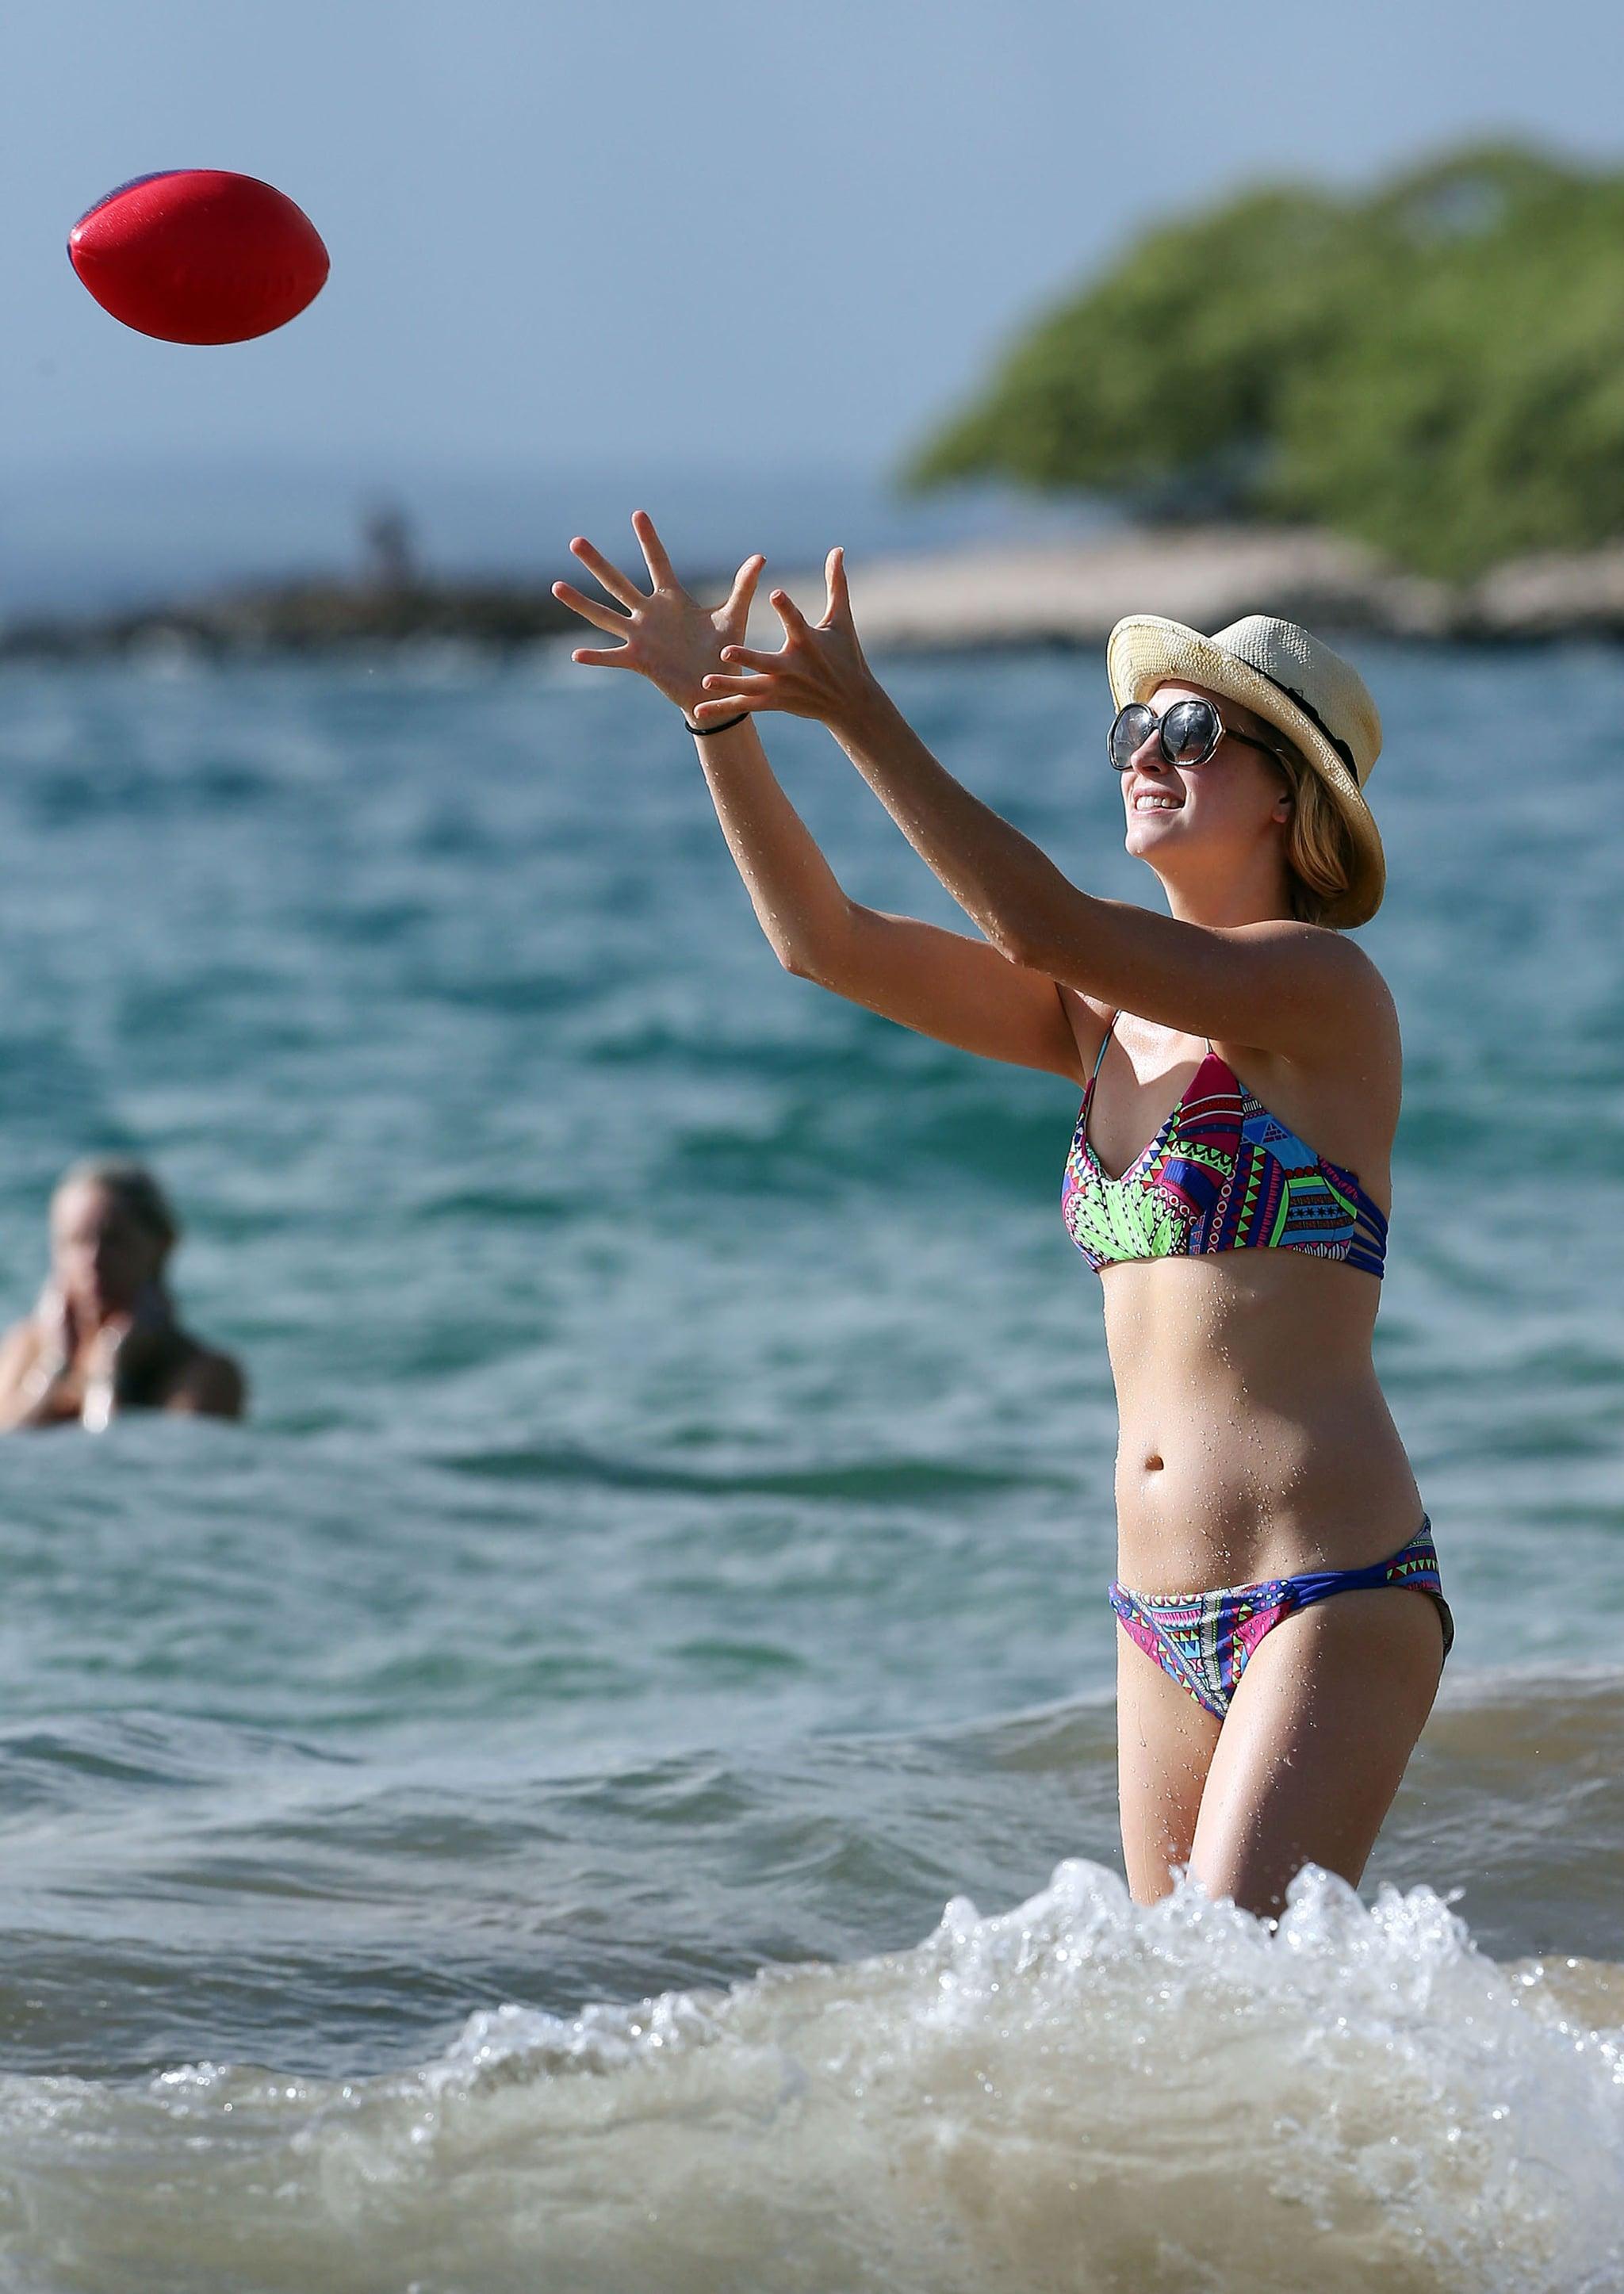 Candice Accola Keeps Up the Bikini Fun in Hawaii